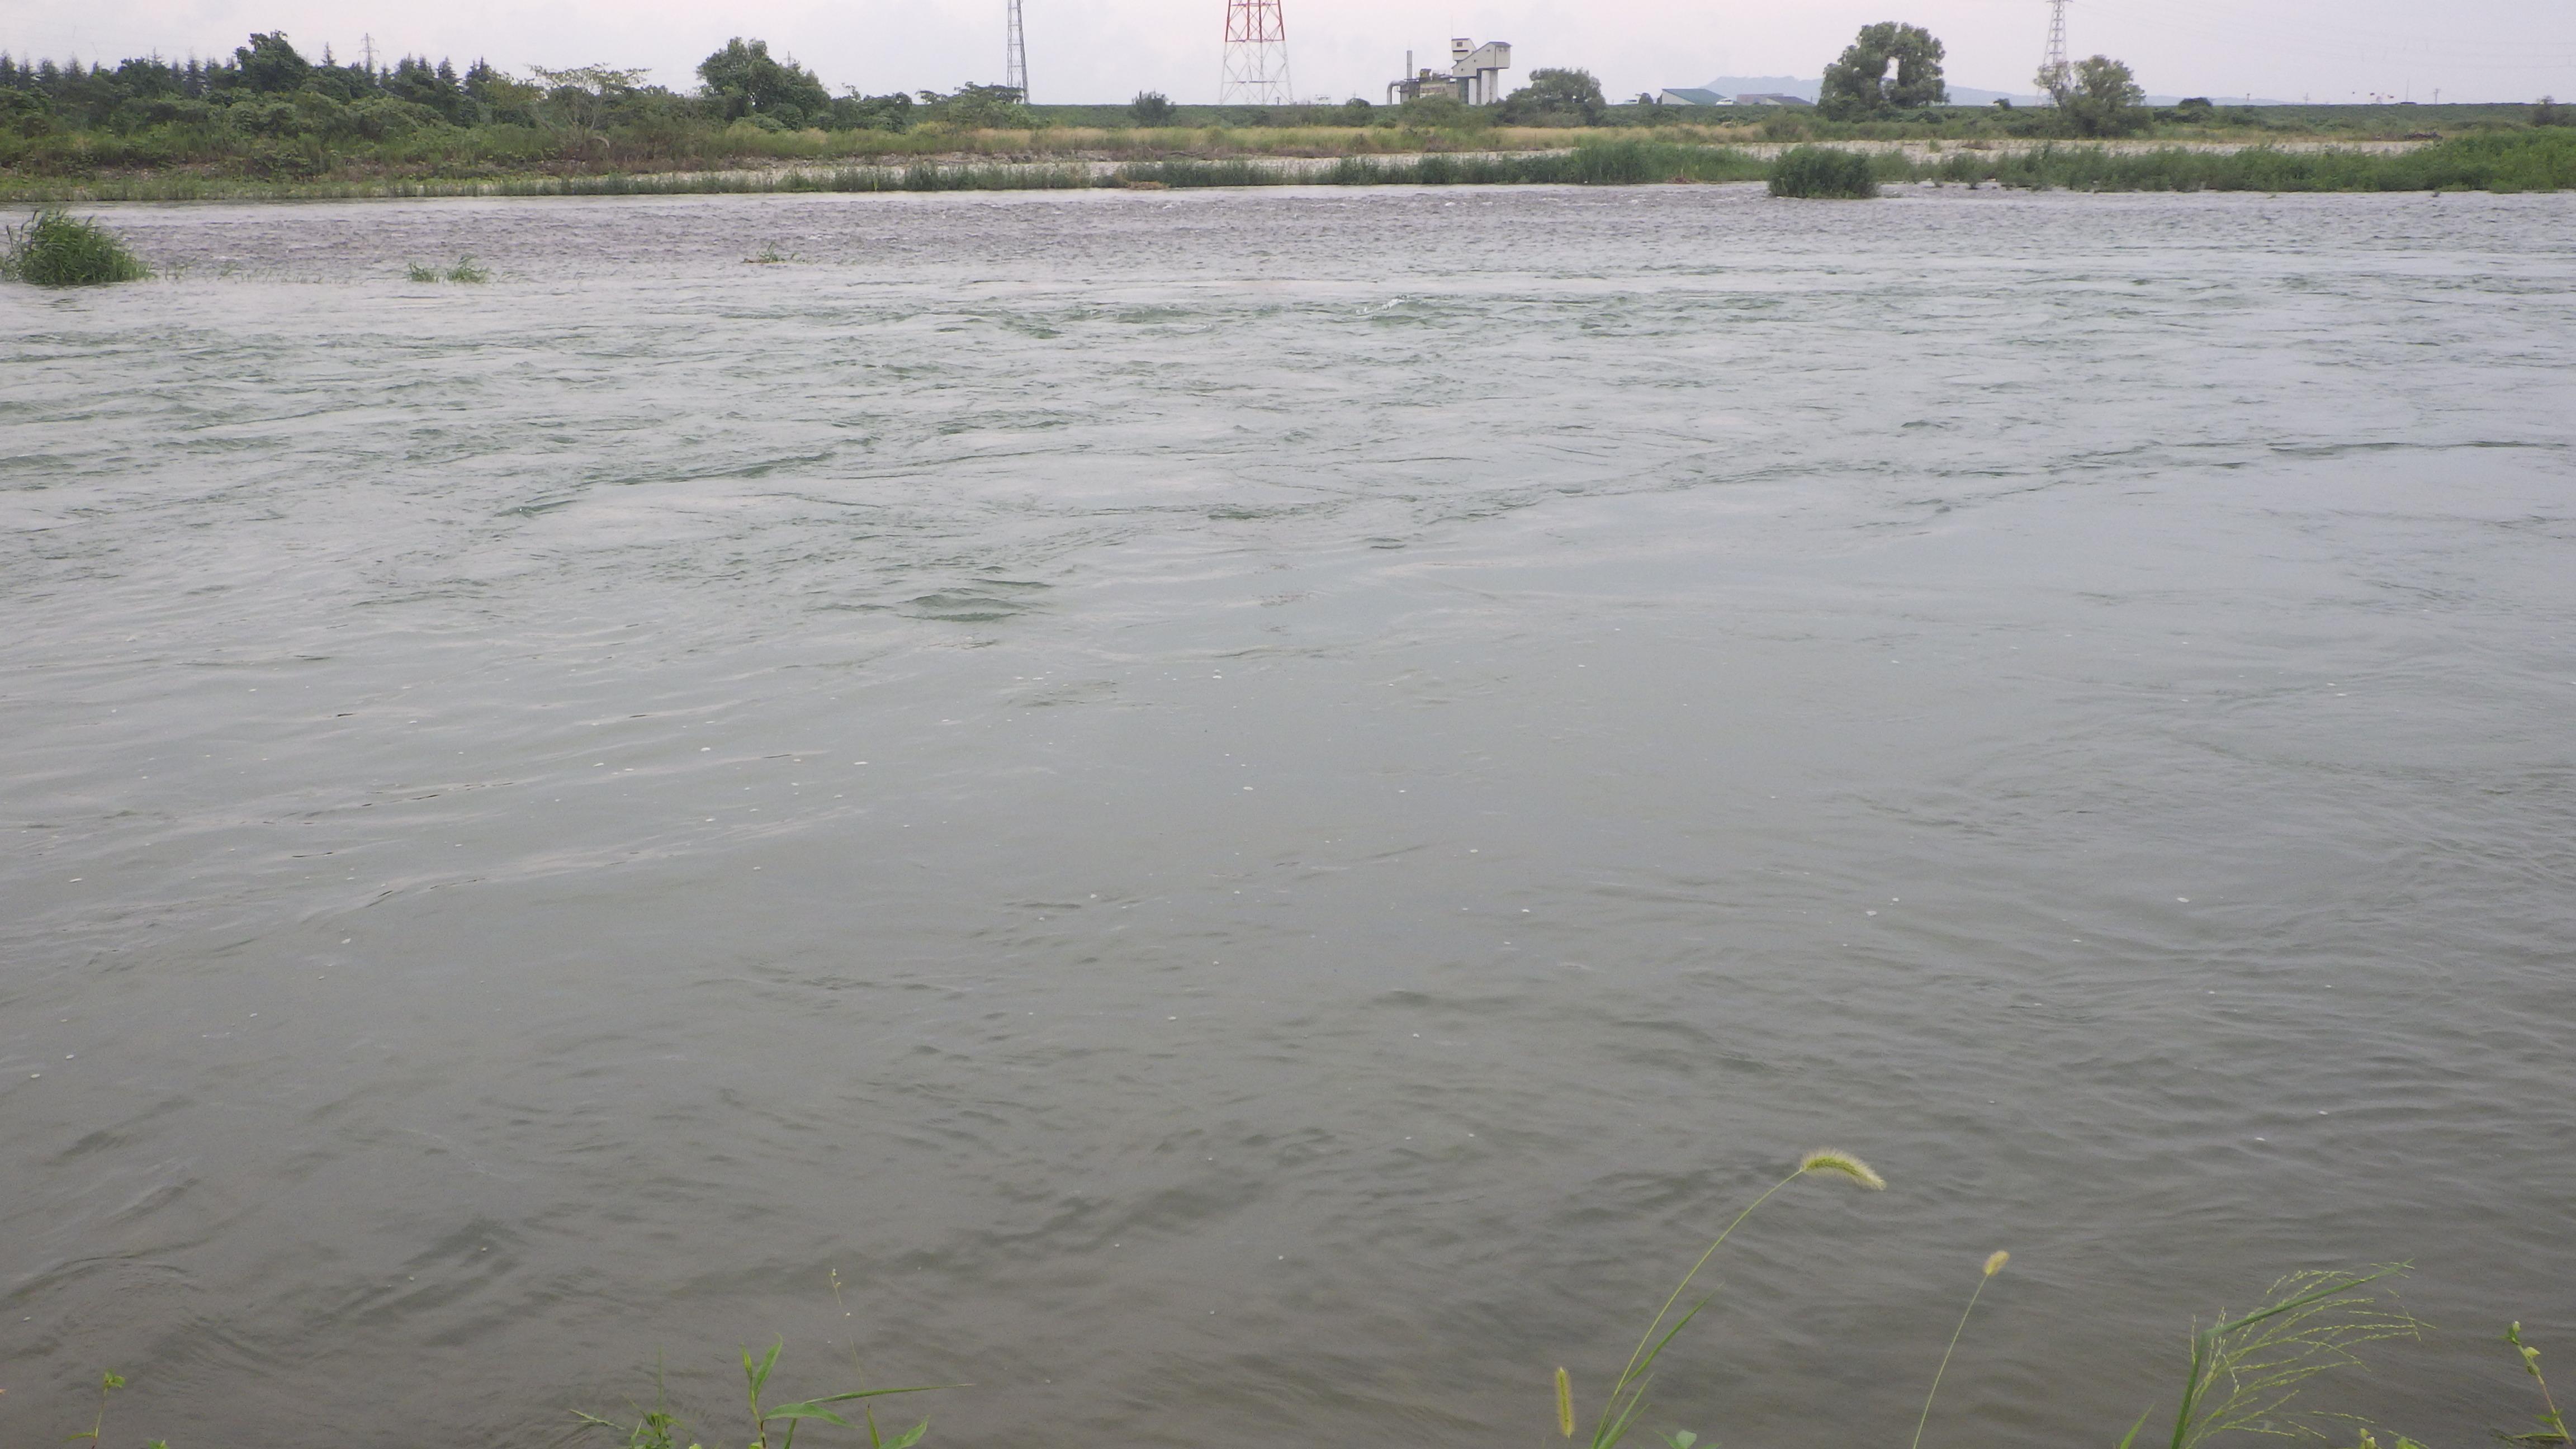 降雨の影響により濁り続く